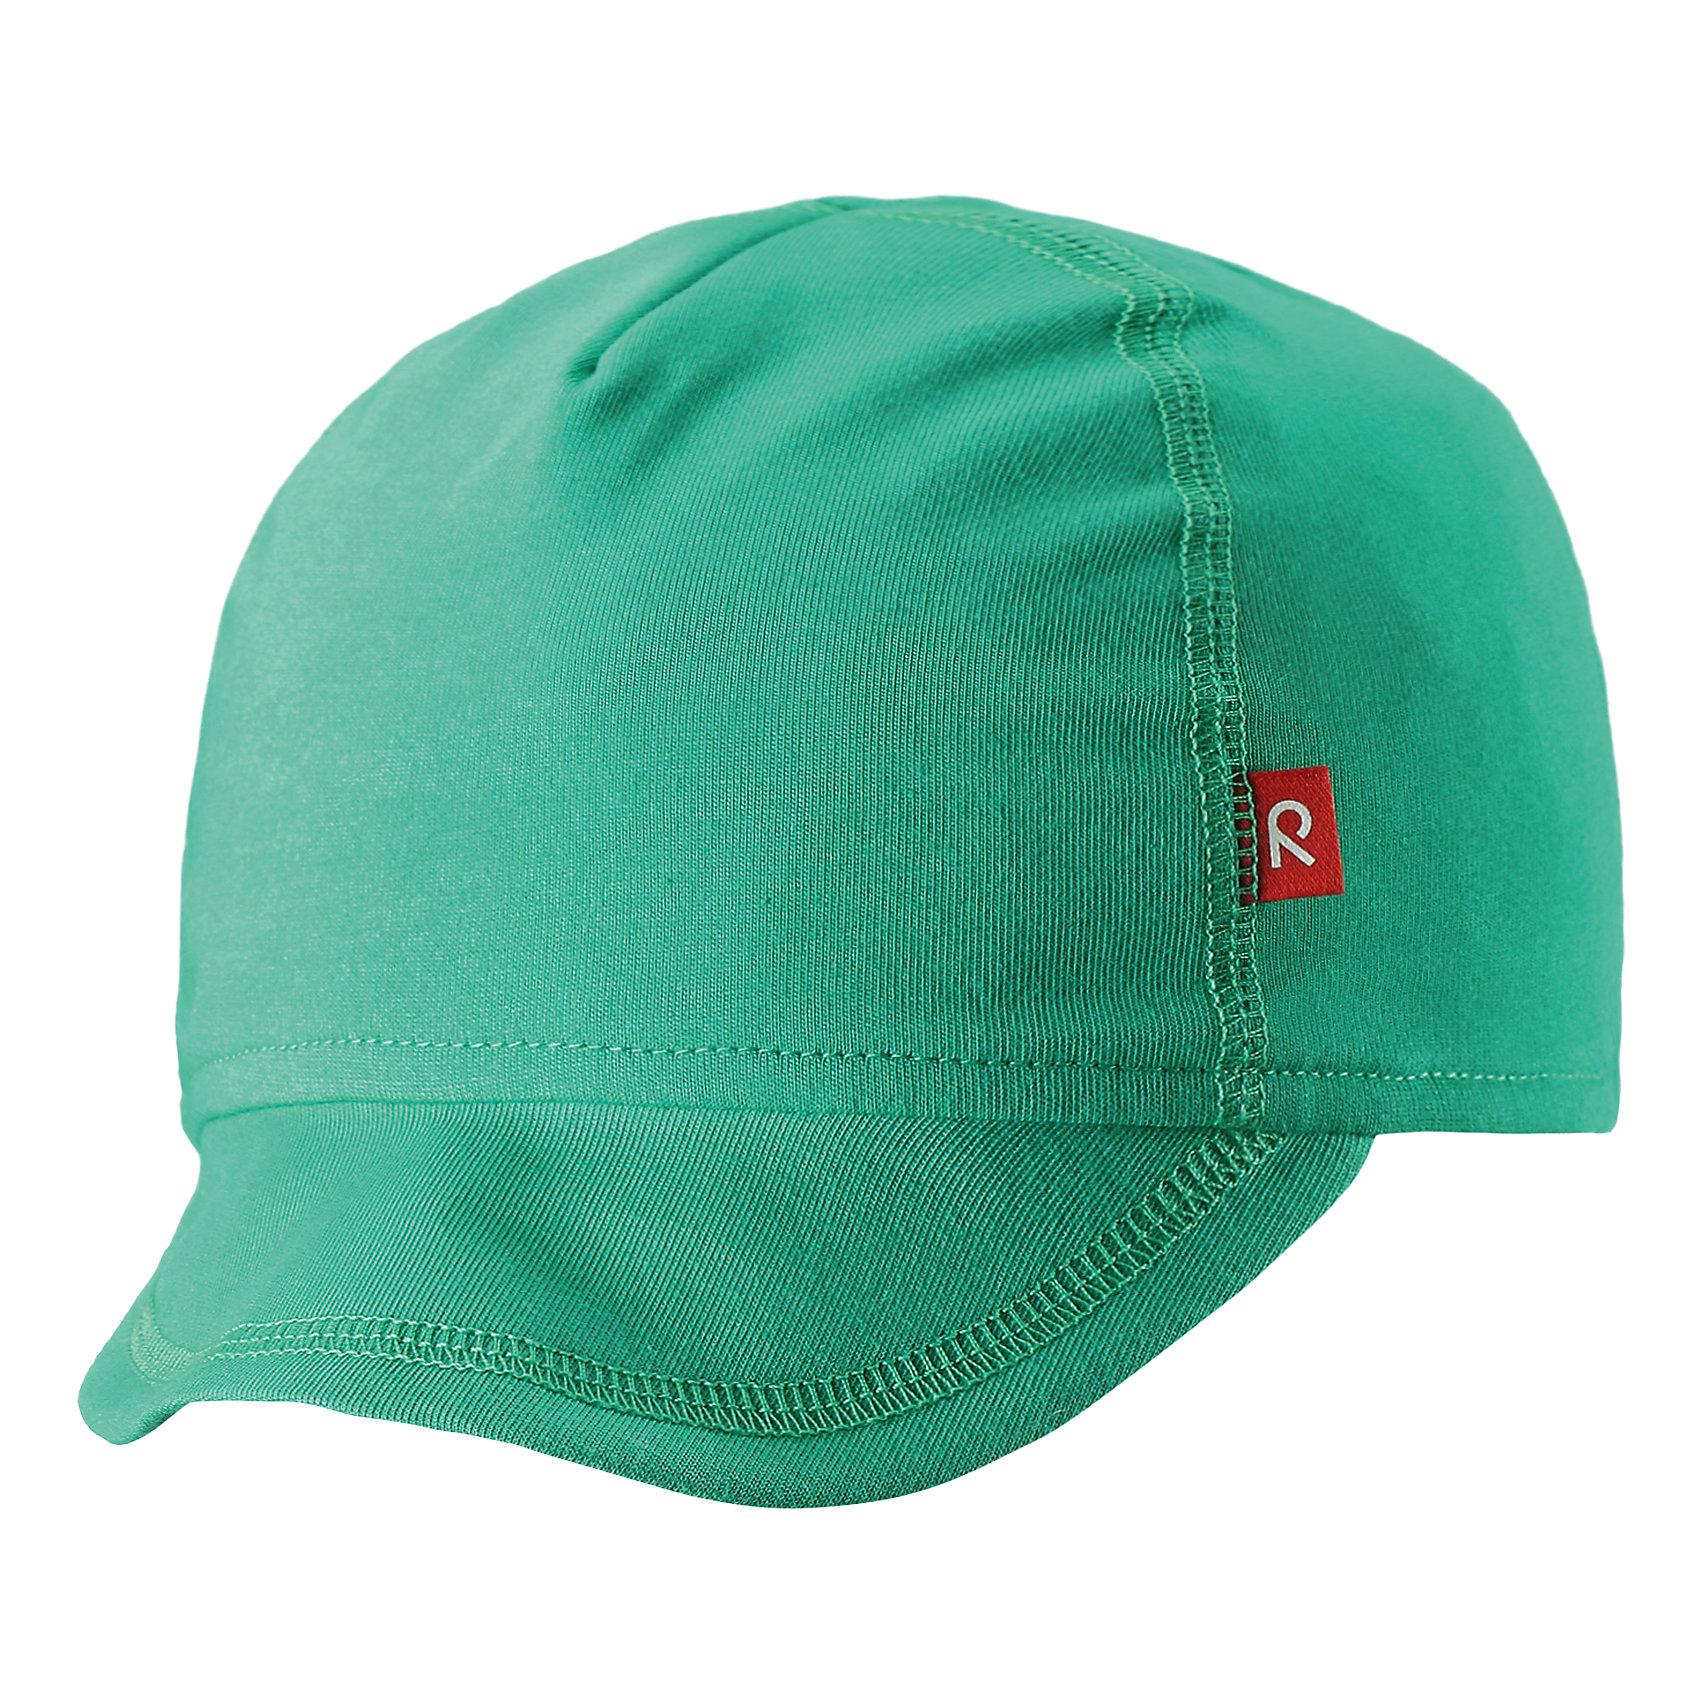 Кепка Wafer ReimaШапки и шарфы<br>Характеристики товара:<br><br>• цвет: зелёный<br>• состав: 65% хлопок, 30% полиэстер, 5% эластан<br>• сплошная подкладка: влаговыводящий трикотаж Play Jersey<br>• температурный режим: от +10С<br>• фактор защиты от ультрафиолета: 50+<br>• эластичный материал<br>• быстросохнущий, очень приятный на ощупь материал Play Jersey<br>• приятная на ощупь хлопковая поверхность<br>• влагоотводящая изнаночная сторона<br>• эмблема Reima спереди<br>• страна бренда: Финляндия<br>• страна производства: Китай<br><br>Детский головной убор может быть модным и удобным одновременно! Стильная кепка поможет обеспечить ребенку комфорт и дополнить наряд. Кепка удобно сидит и аккуратно выглядит. Проста в уходе, долго служит. Стильный дизайн разрабатывался специально для детей. Отличная защита от солнца!<br><br>Уход:<br><br>• стирать с бельем одинакового цвета, вывернув наизнанку<br>• полоскать без специального средства<br>• придать первоначальную форму вo влажном виде.<br><br>Кепку от финского бренда Reima (Рейма) можно купить в нашем интернет-магазине.<br><br>Ширина мм: 89<br>Глубина мм: 117<br>Высота мм: 44<br>Вес г: 155<br>Цвет: зеленый<br>Возраст от месяцев: 6<br>Возраст до месяцев: 9<br>Пол: Унисекс<br>Возраст: Детский<br>Размер: 46,50<br>SKU: 5271000